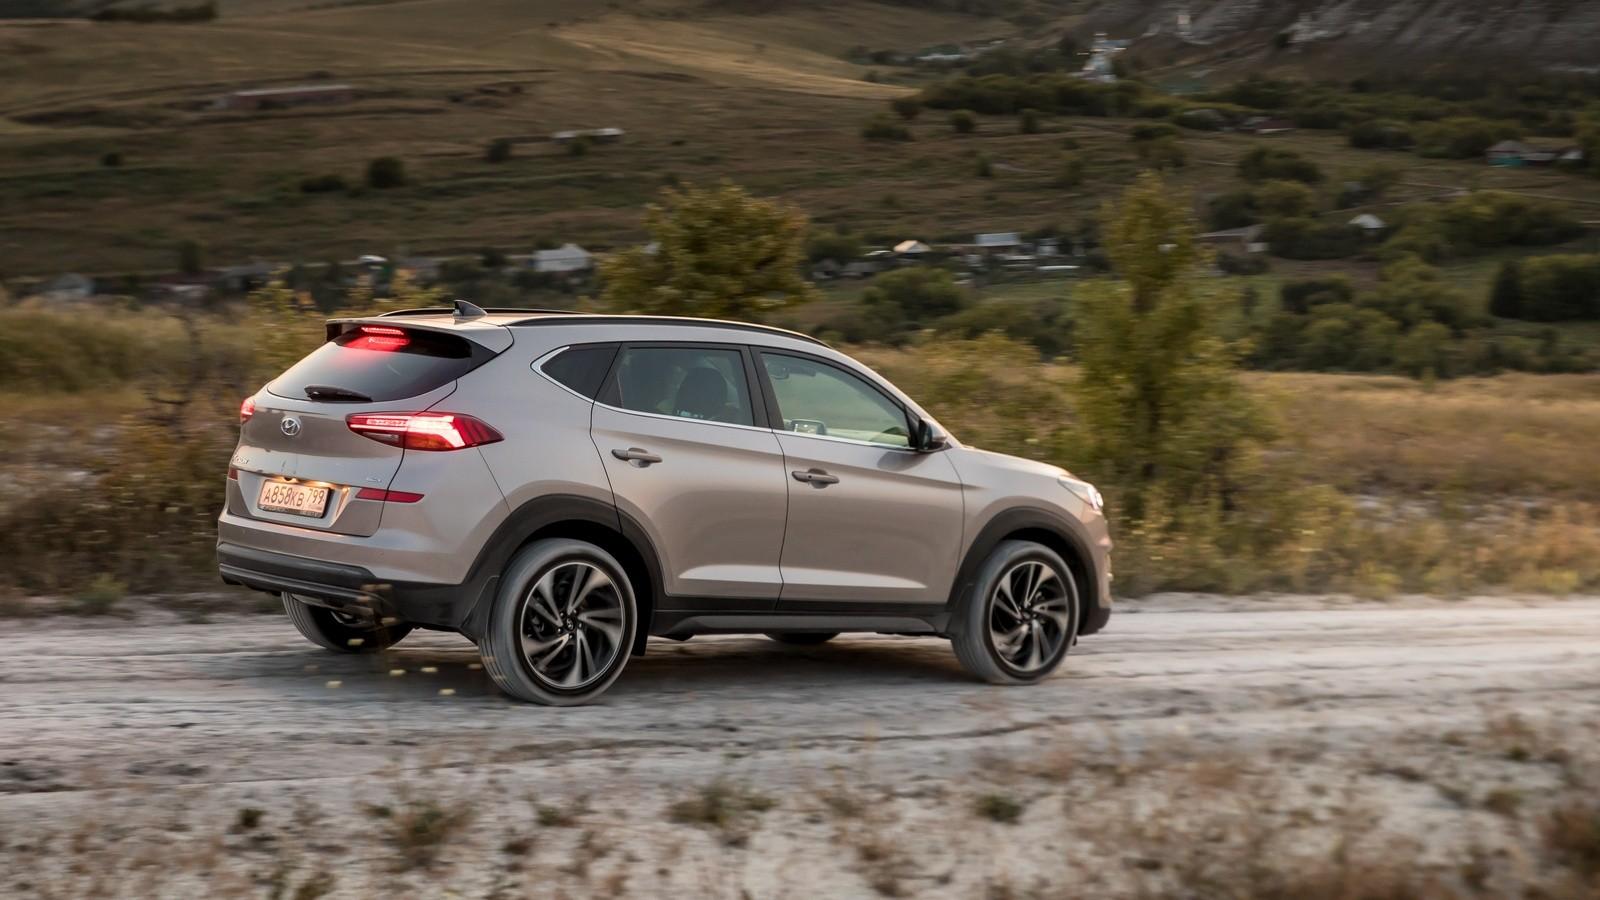 Hyundai_Tucson в динамике на грунтовой дороге